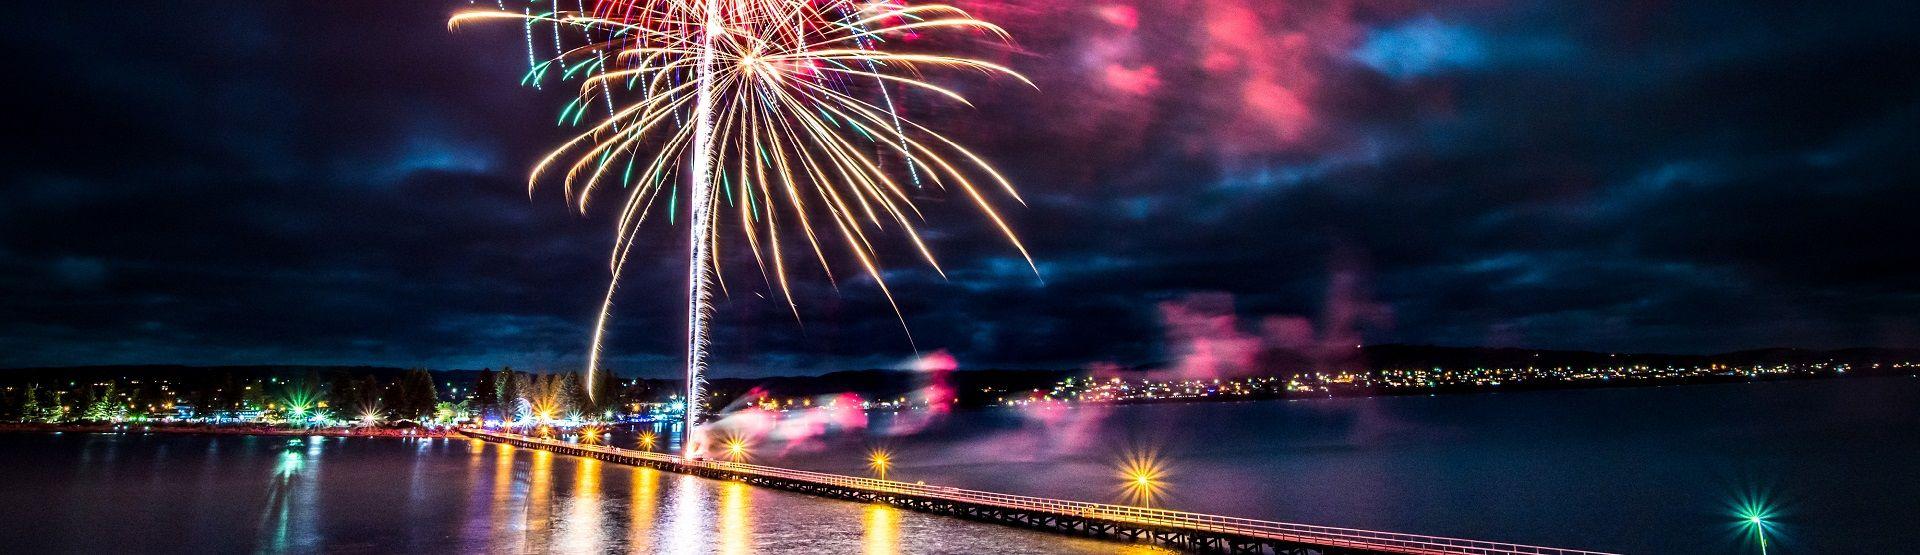 victor harbor fireworks